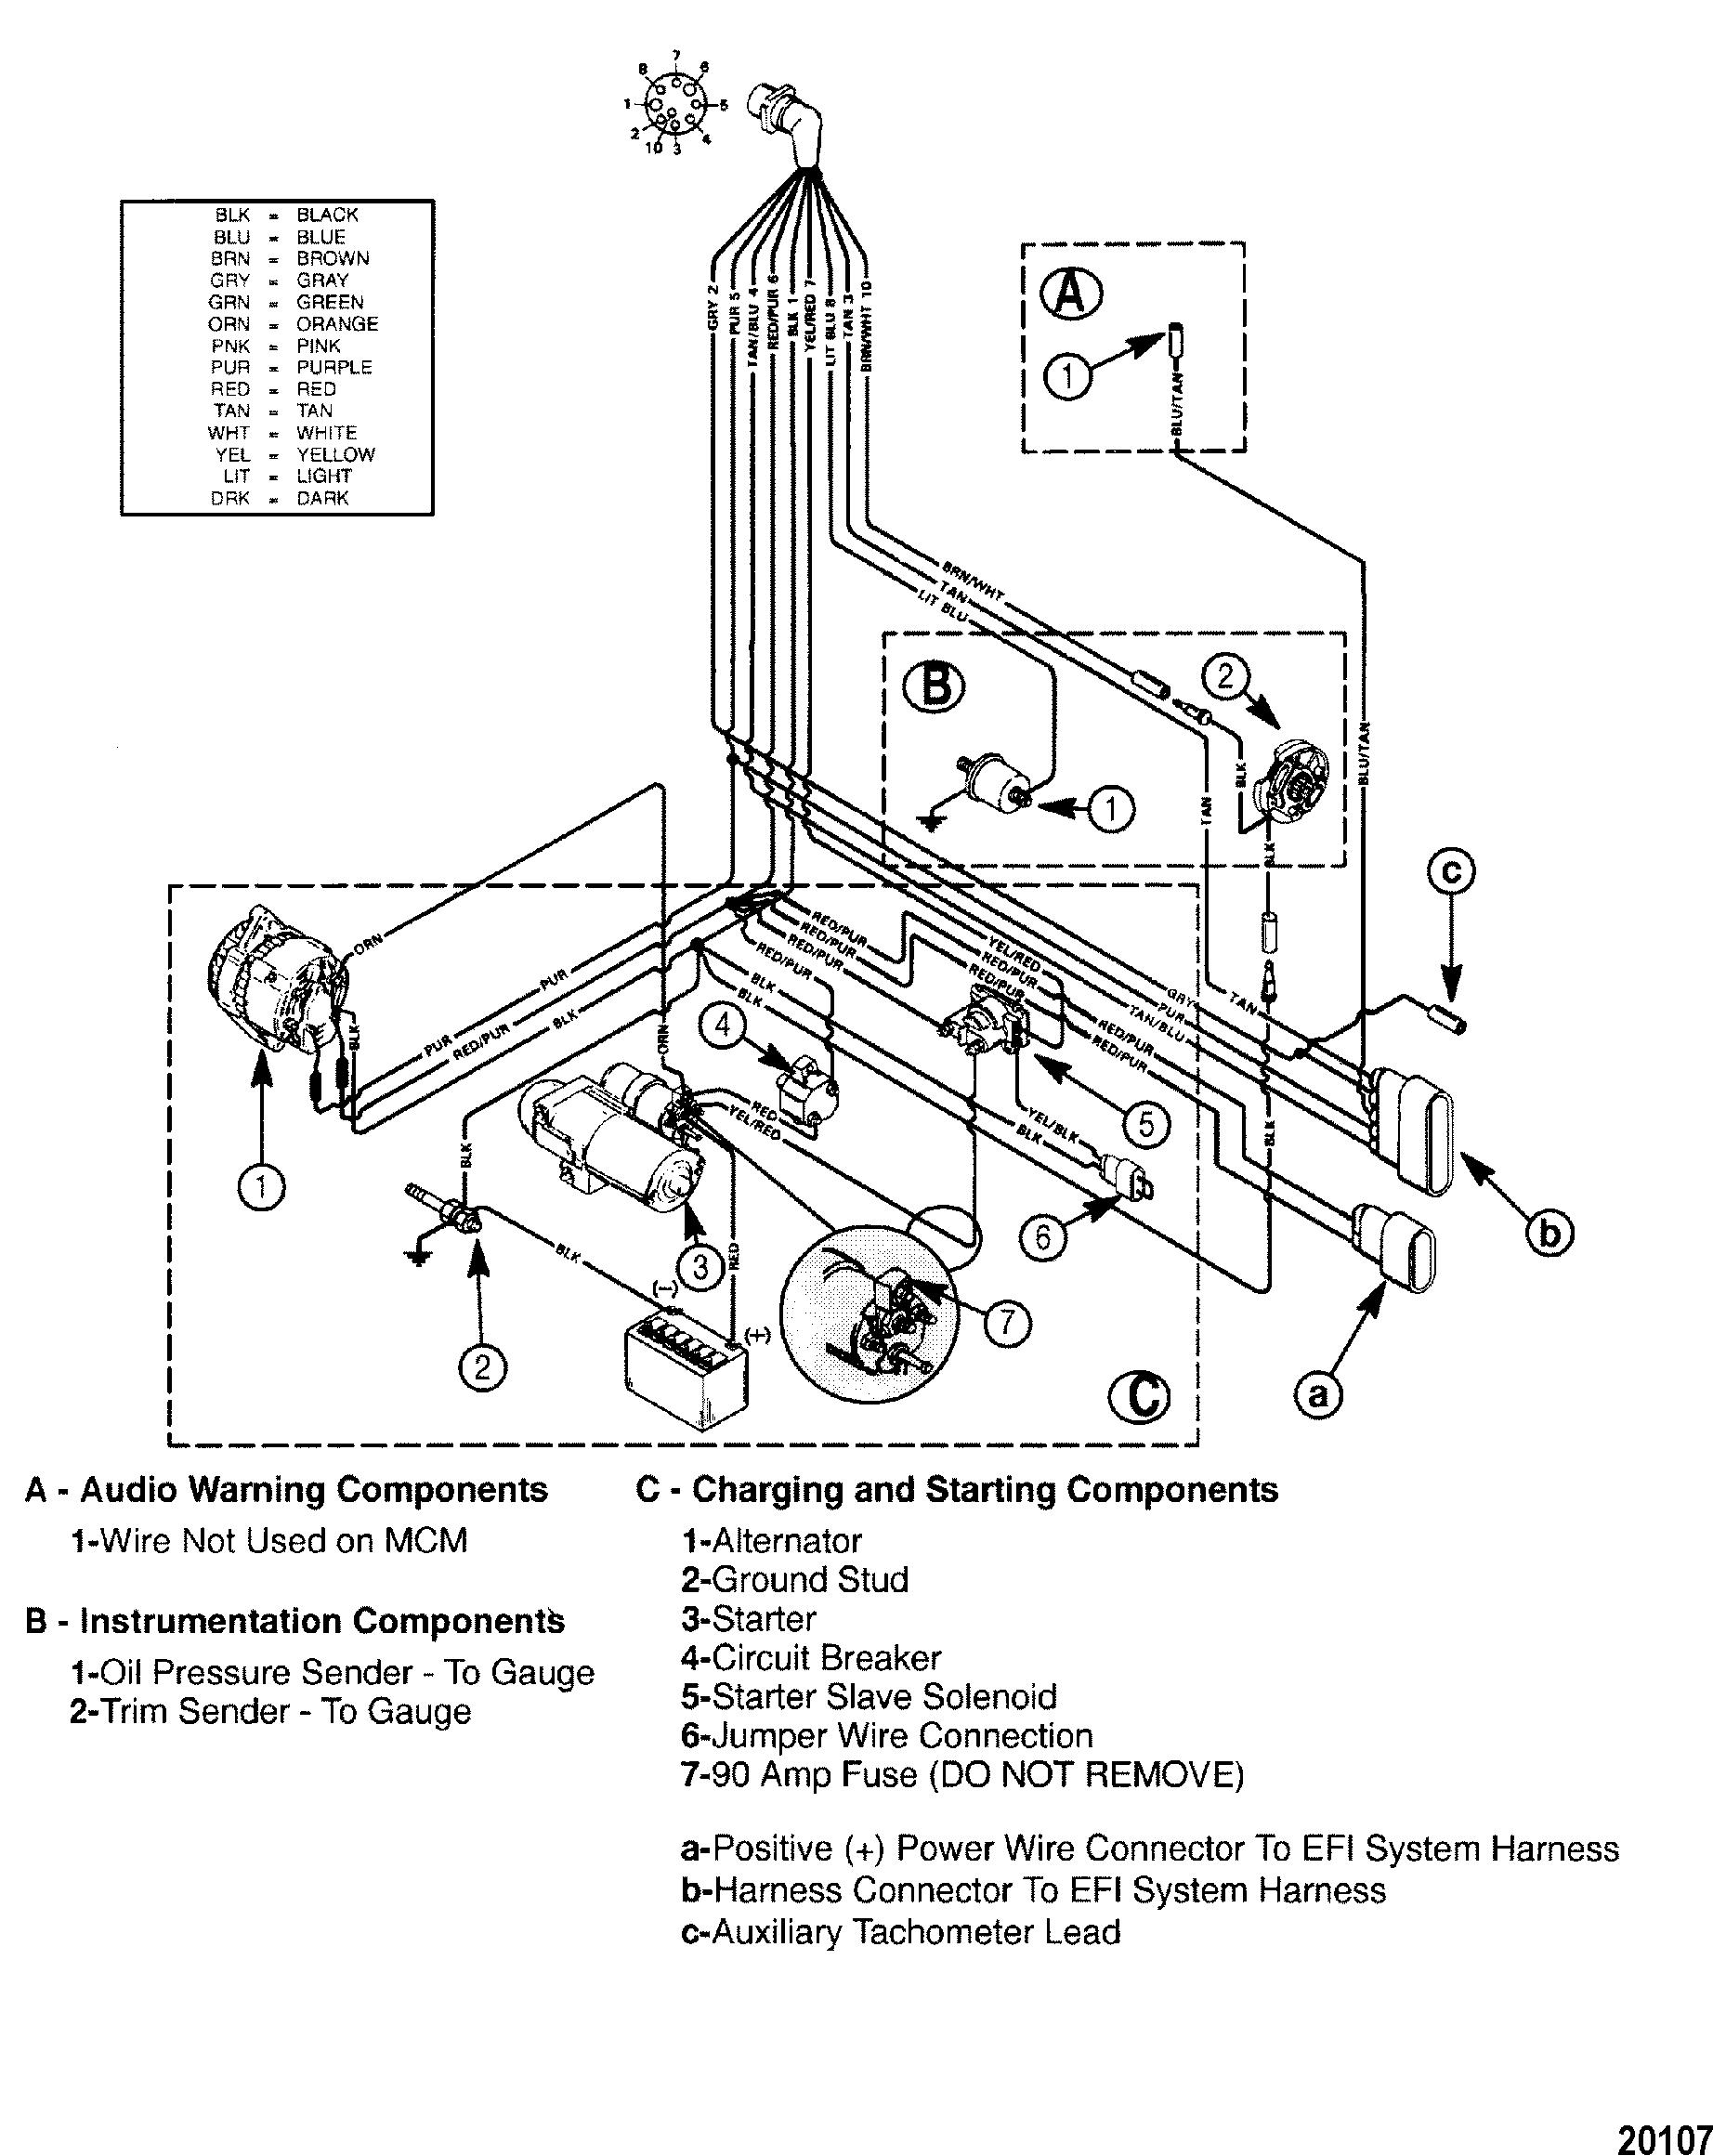 160 Mercruiser Wiring Diagram